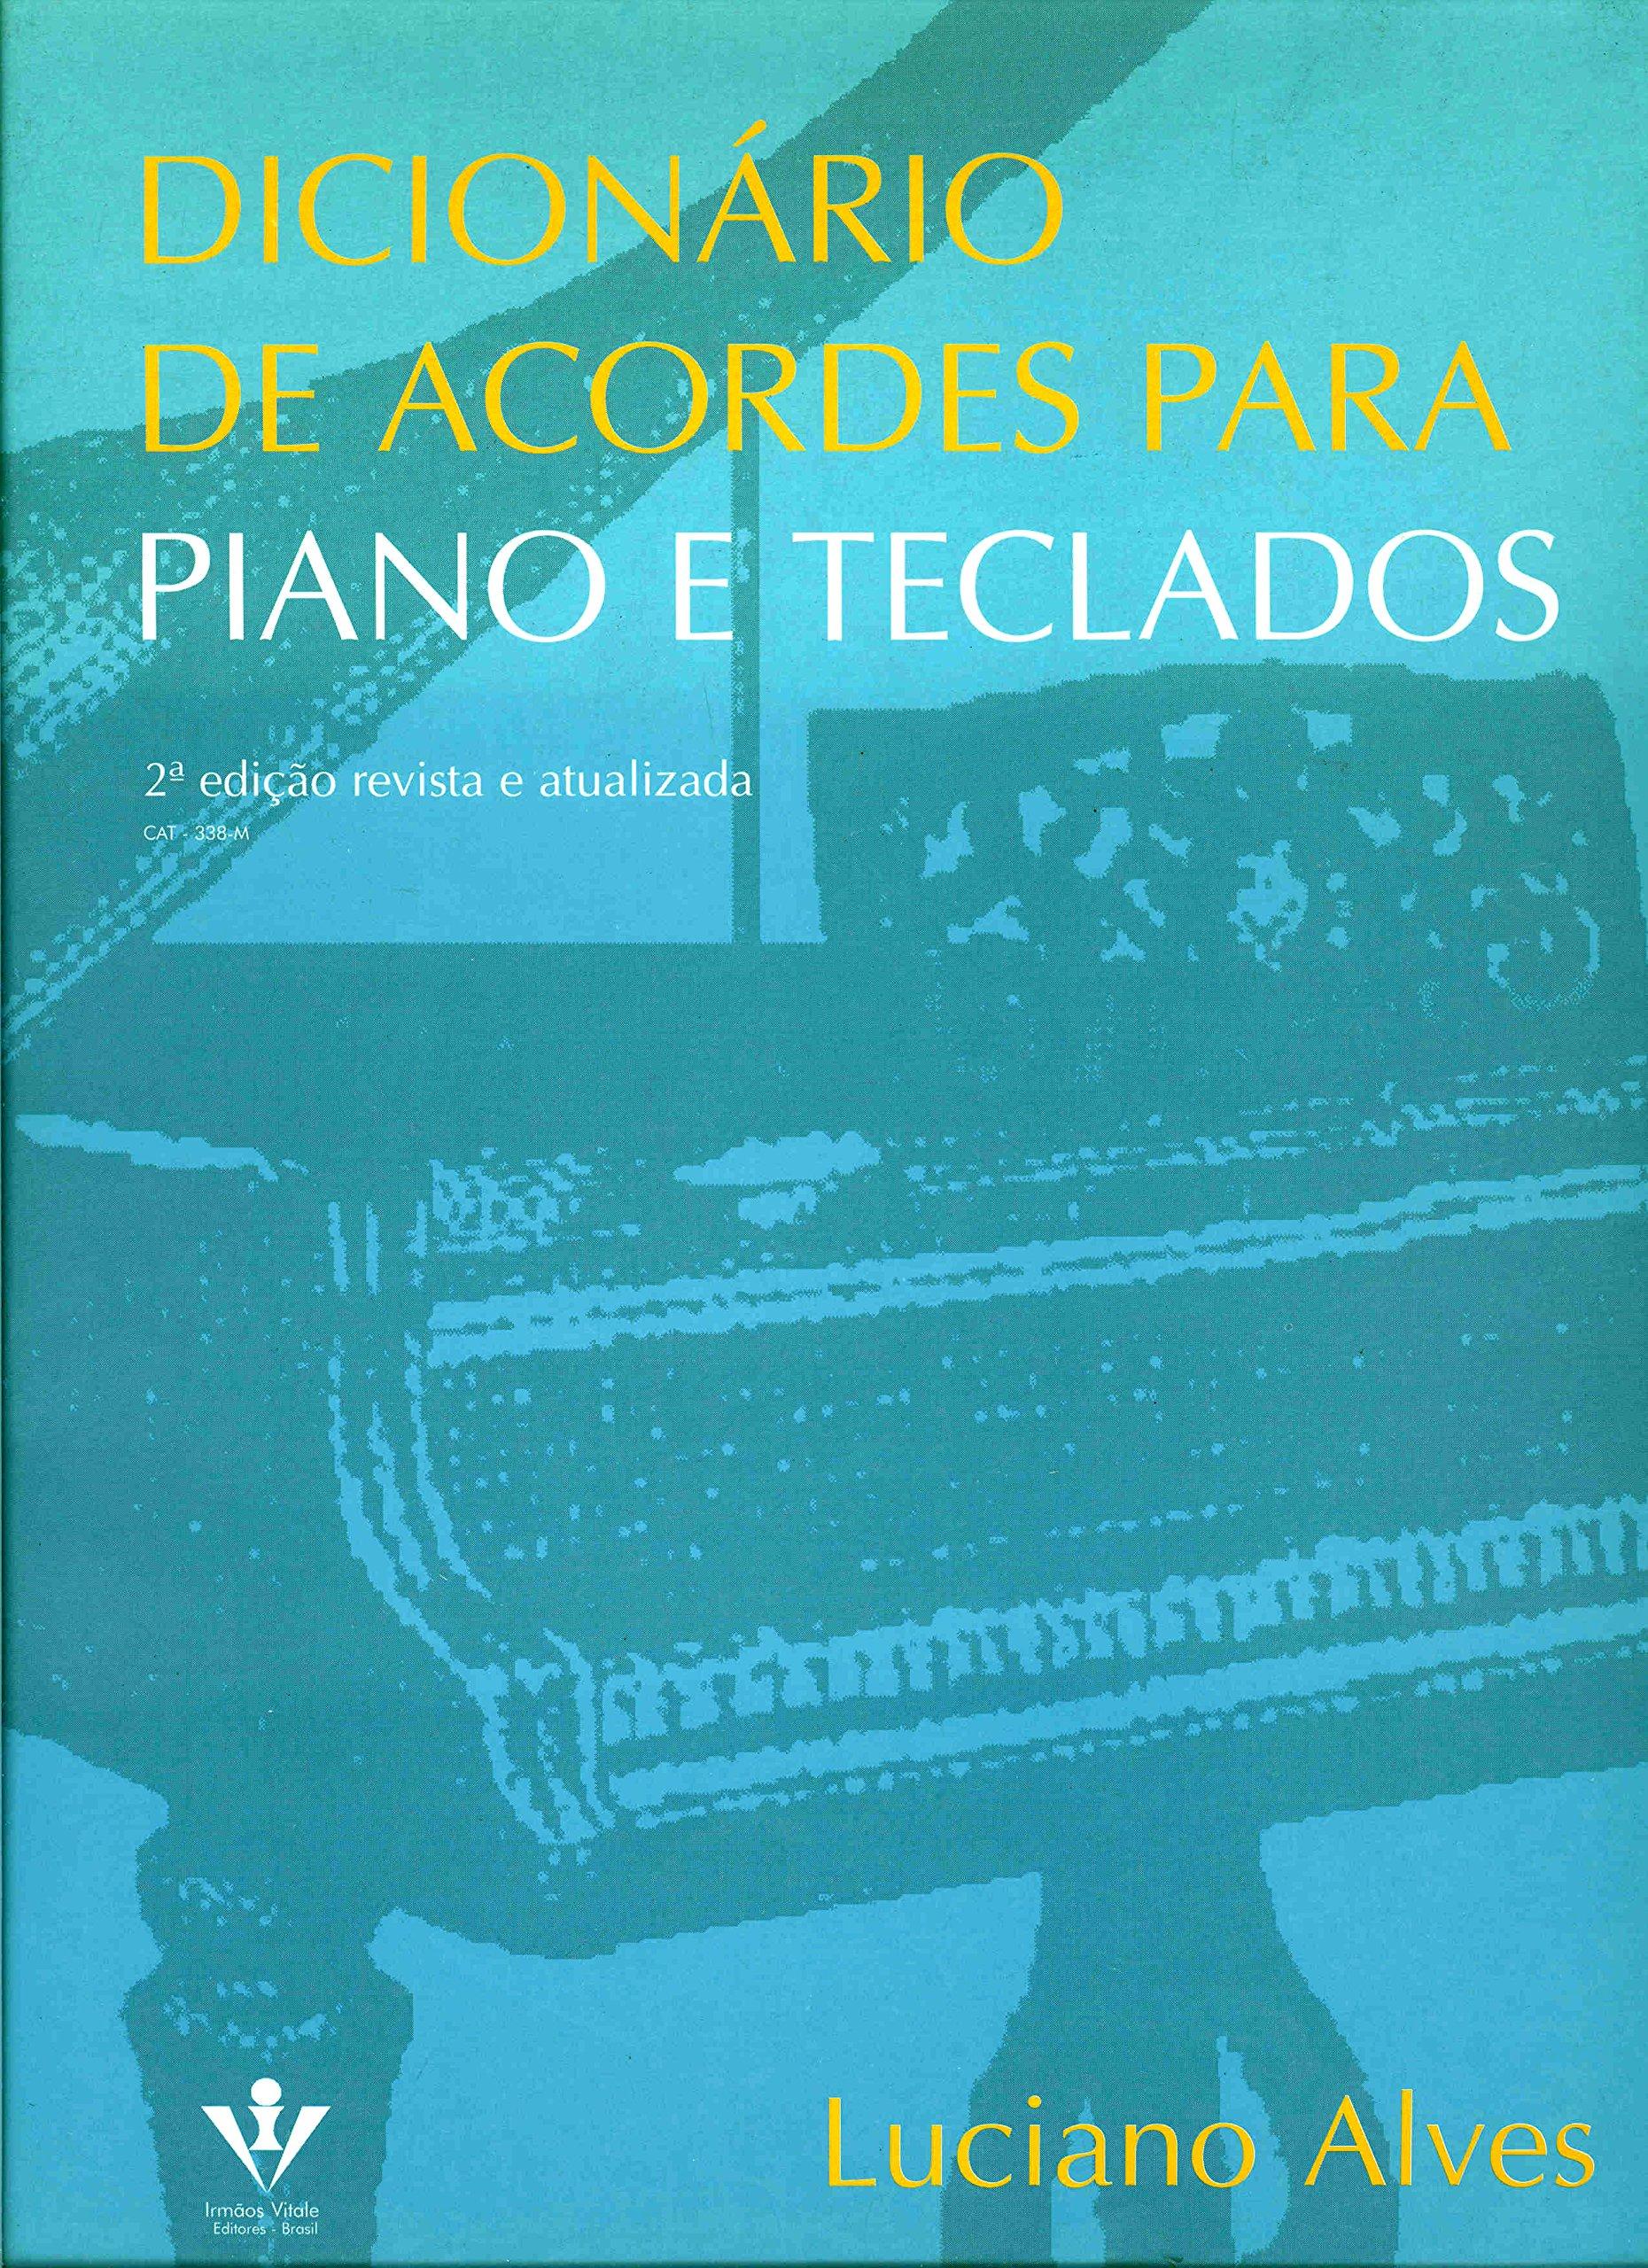 Dicionário de Acordes para Piano e Teclados: Vários Autores: 9788585188016: Amazon.com: Books